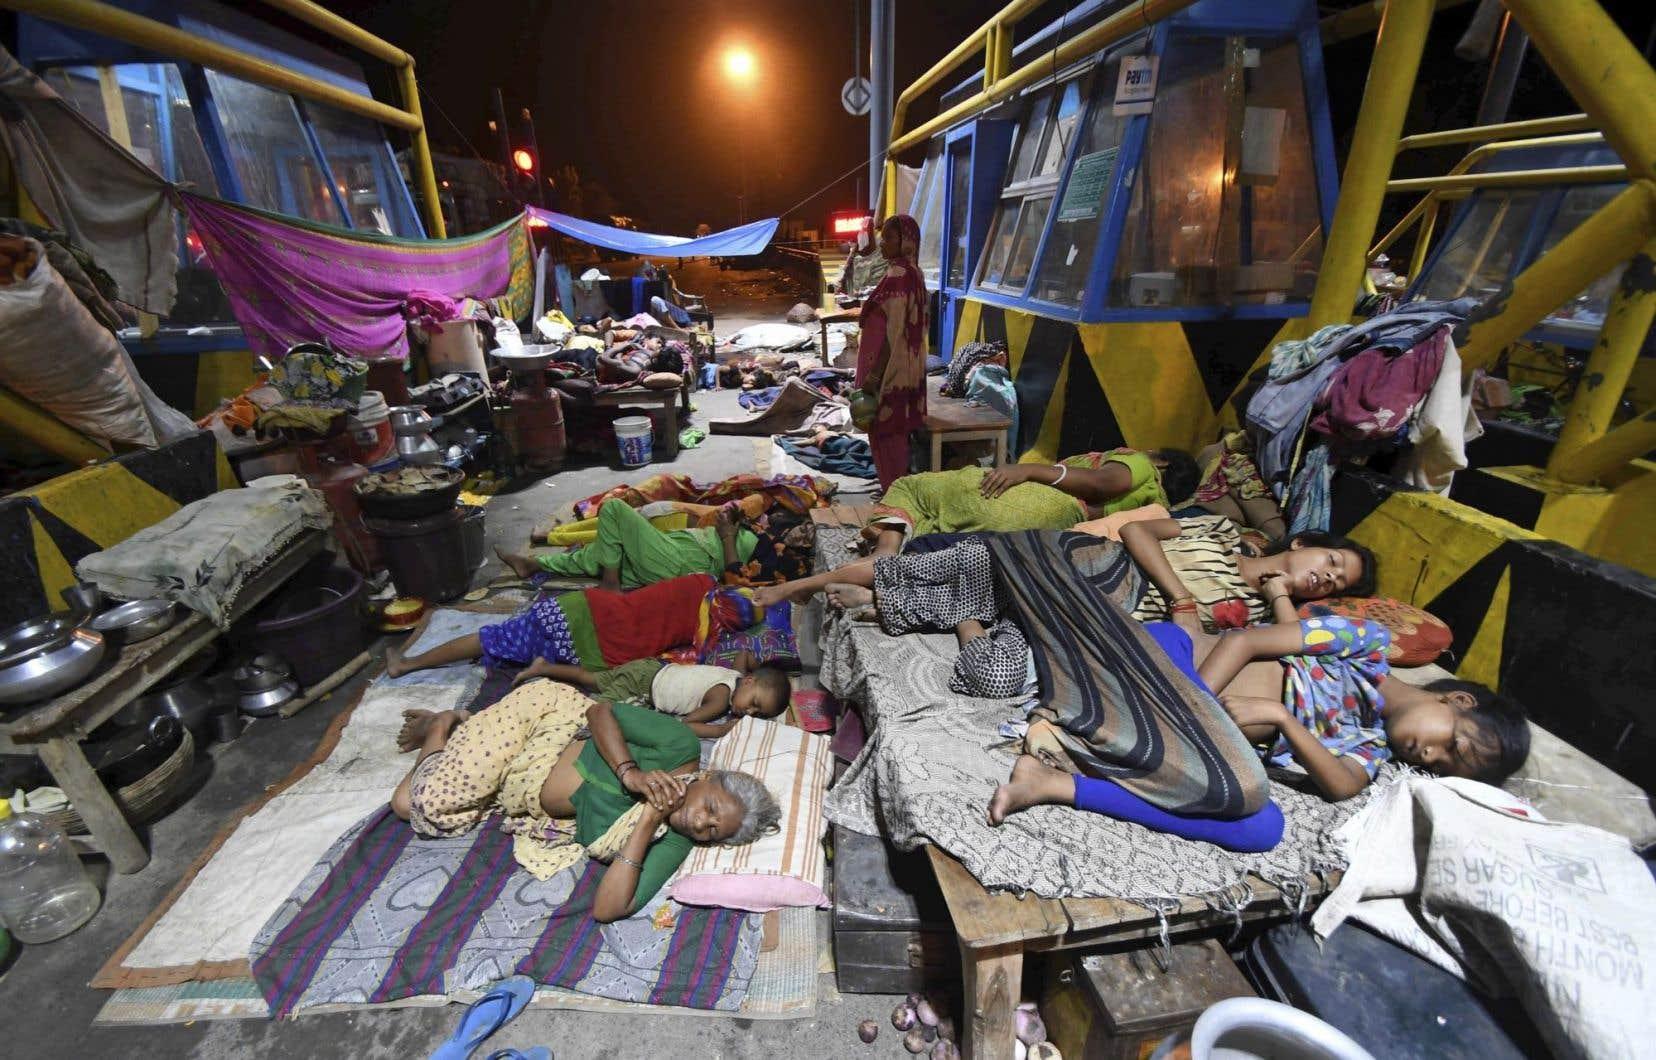 Des personnes rescapées des inondations dorment près d'un poste de péage routier dans le district d'Araria, dans l'État indien de Bihar.